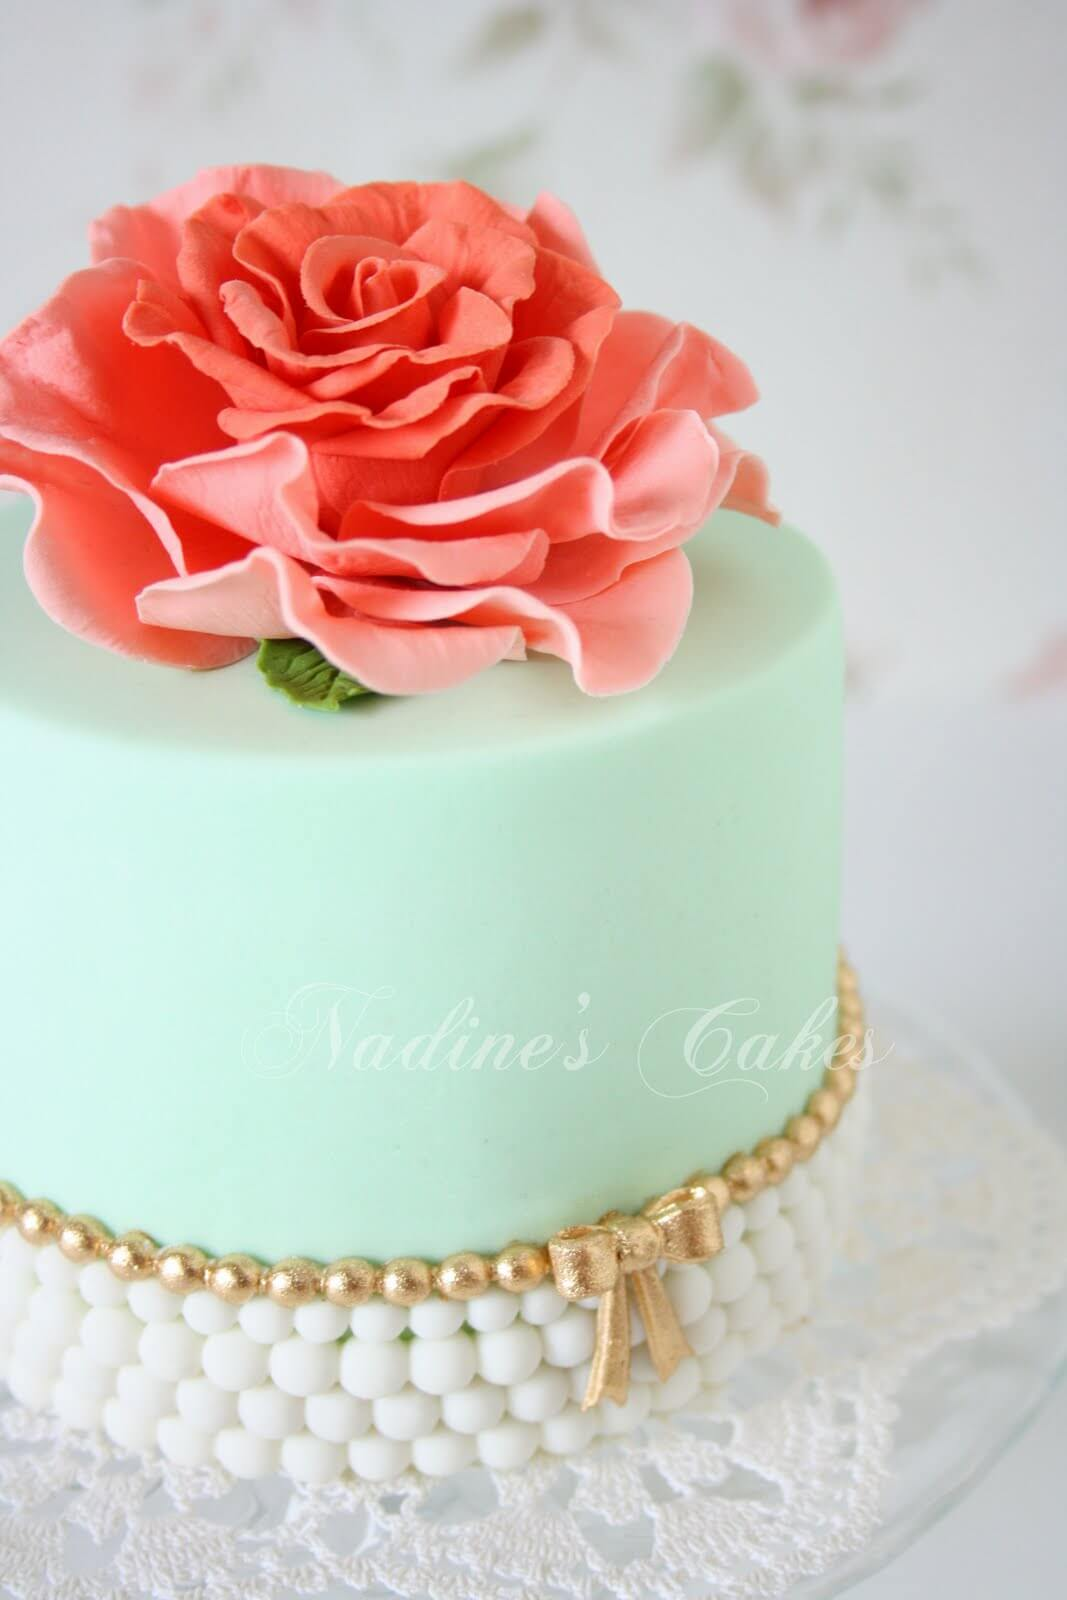 Un pastel elegante en tonos claros y con flor